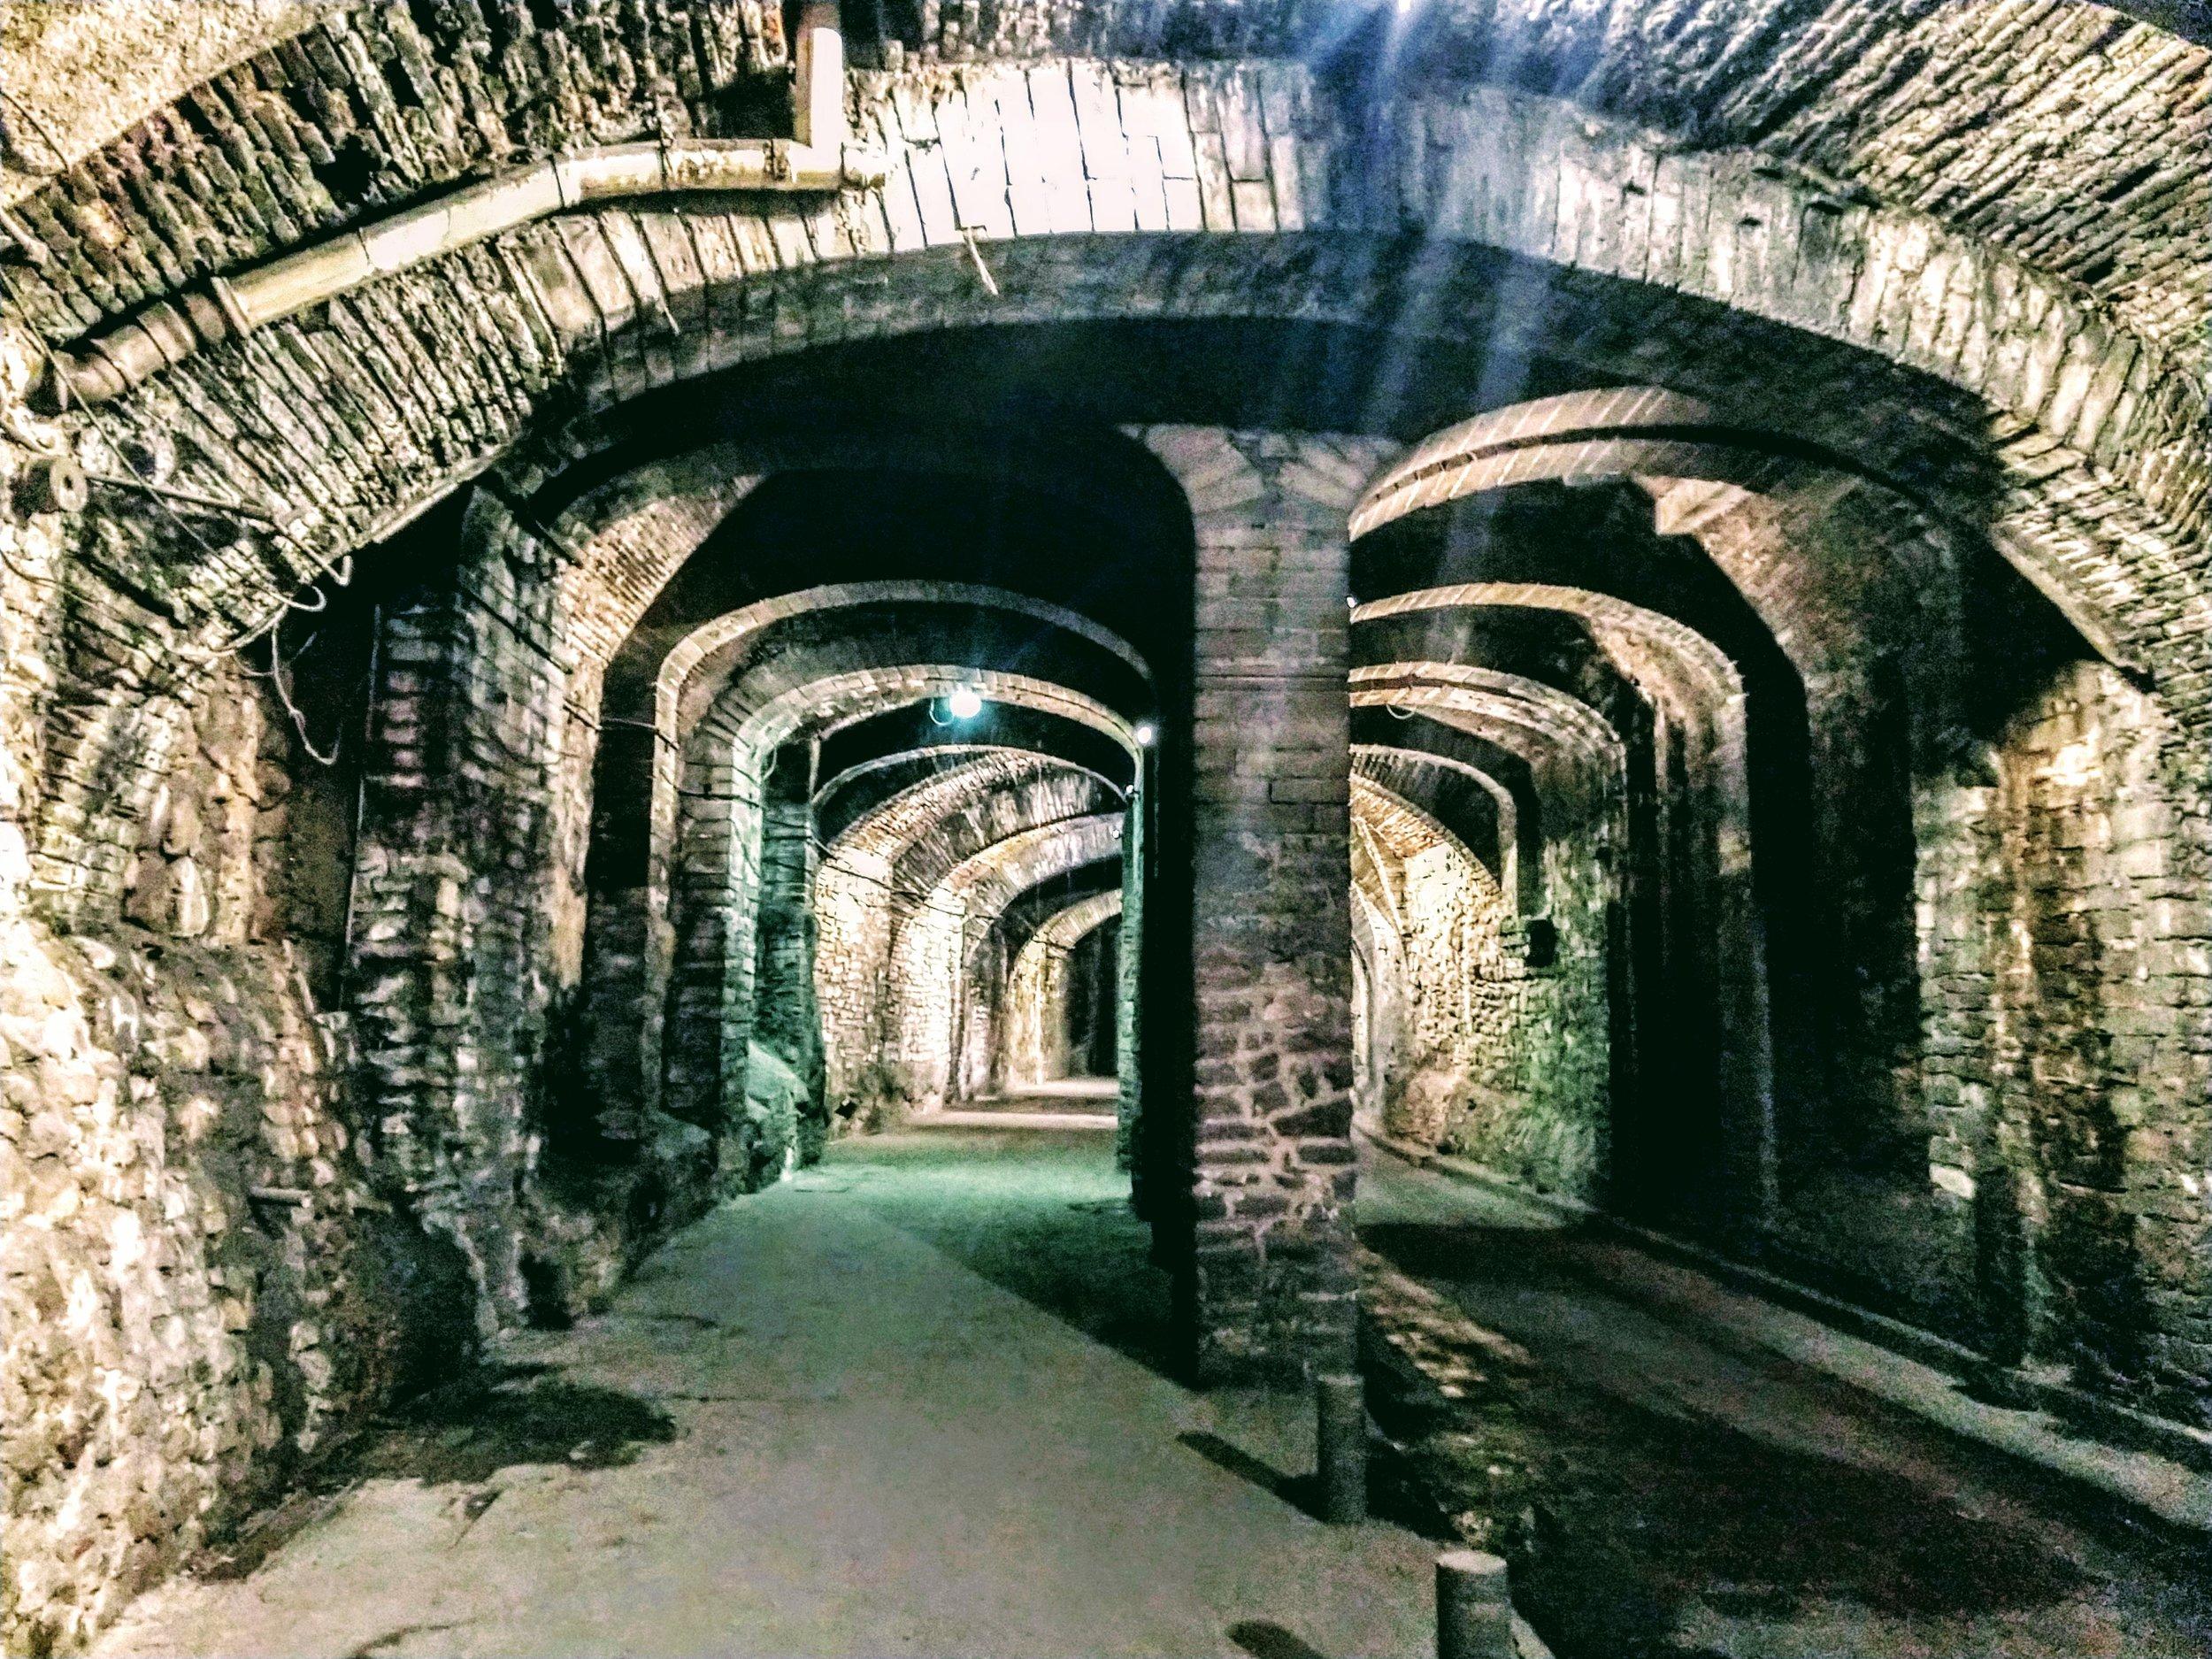 Tunnels underneath Guanajuato, Mexico